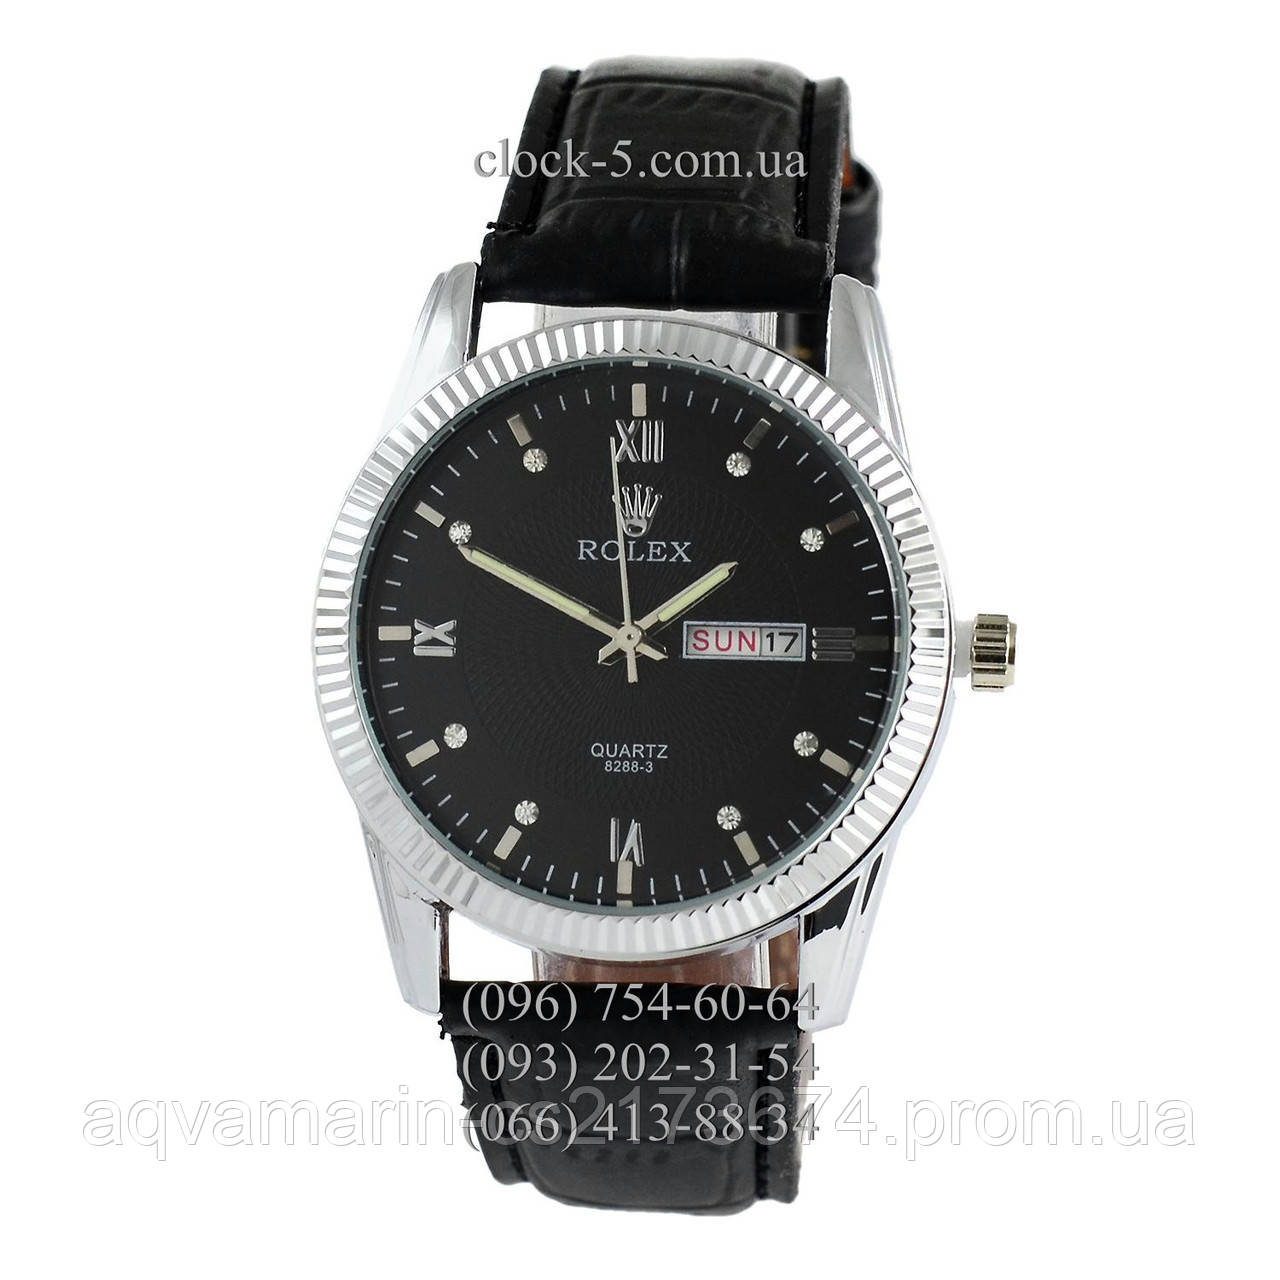 Купить китайские часы в одессе часы мужские наручные распродажа